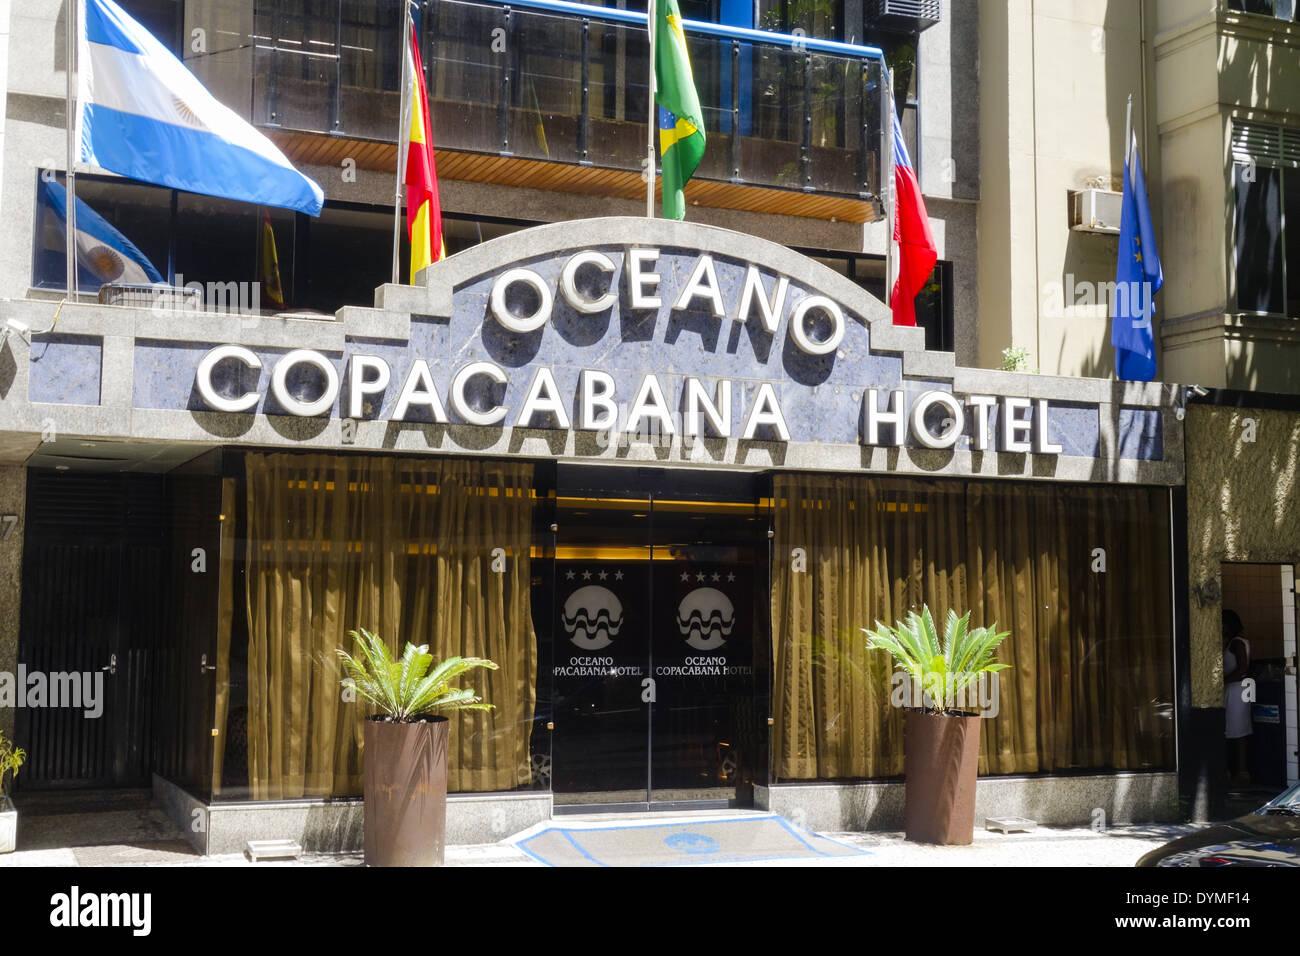 Rio de Janeiro Copacabana, Oceano Copacabana Hotel, Brasile Immagini Stock